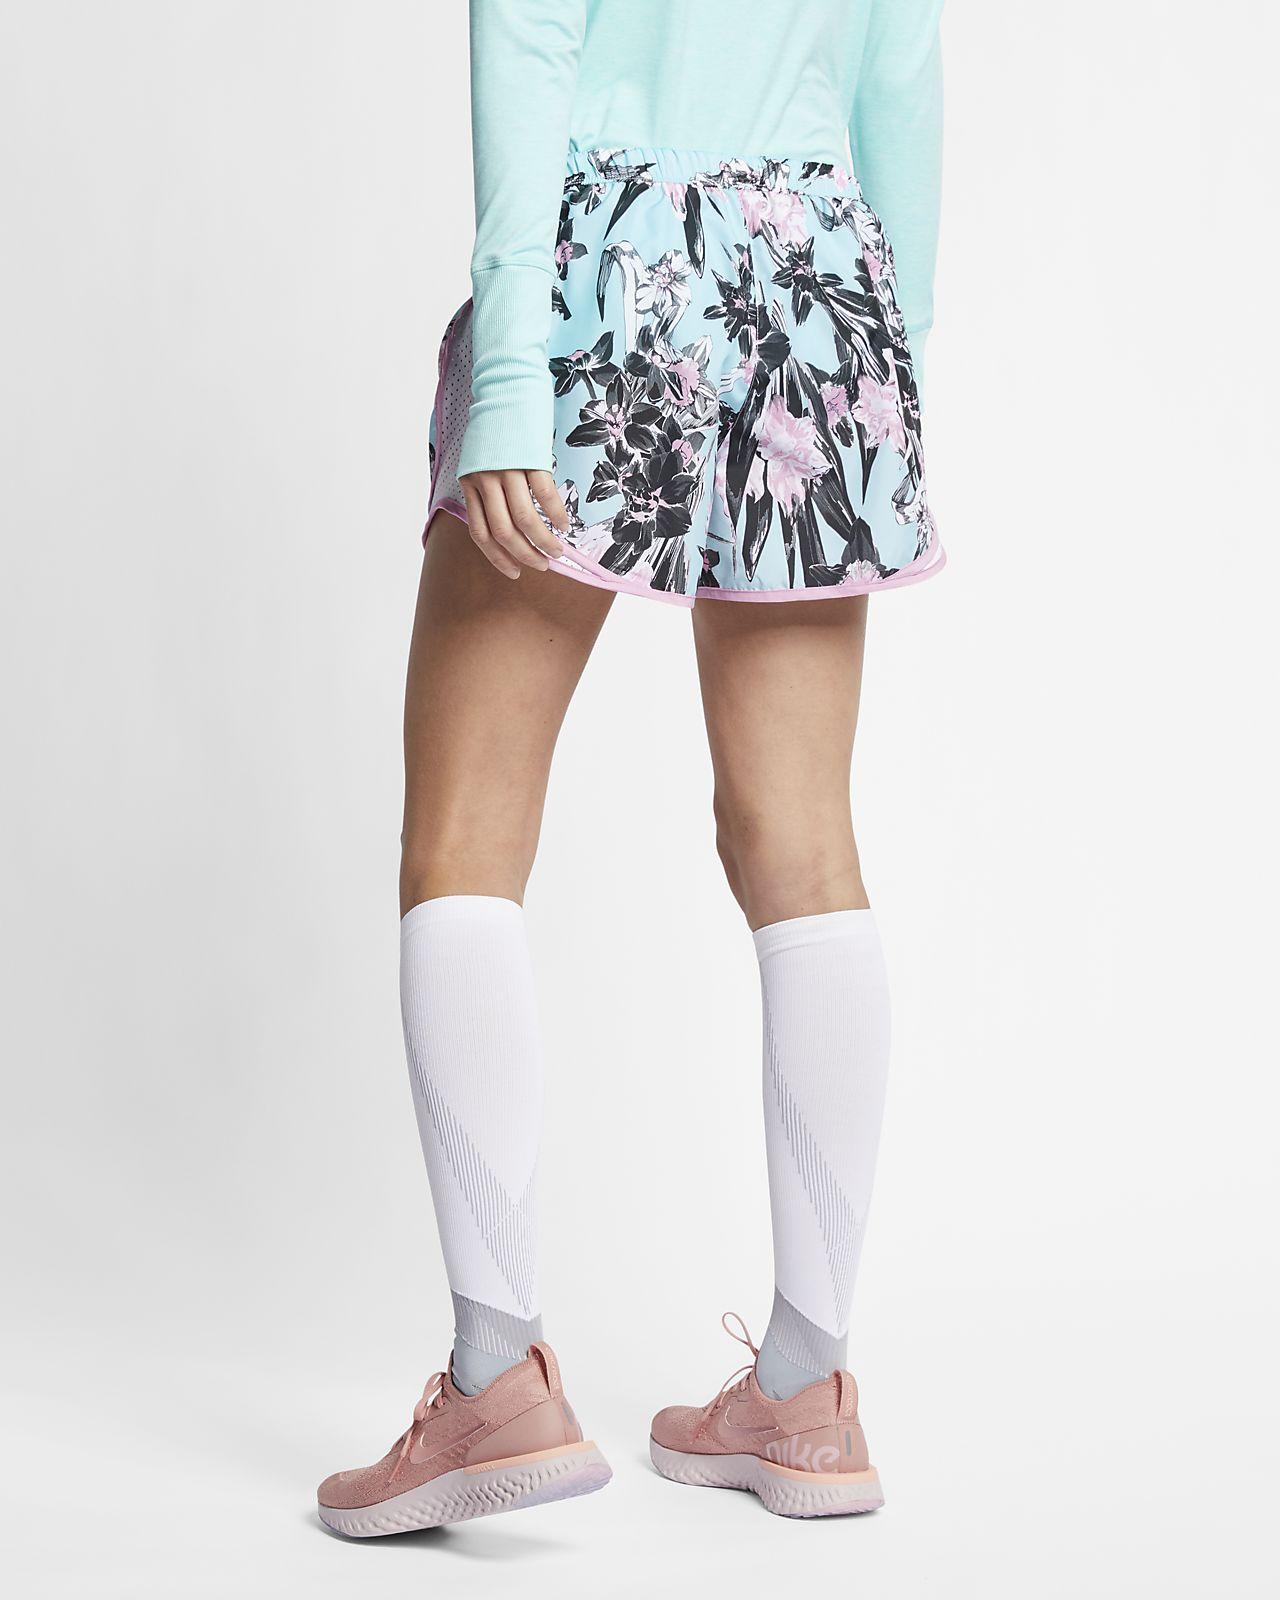 new arrivals 711a1 06d5f ... Short de running à motif floral Nike Tempo pour Femme